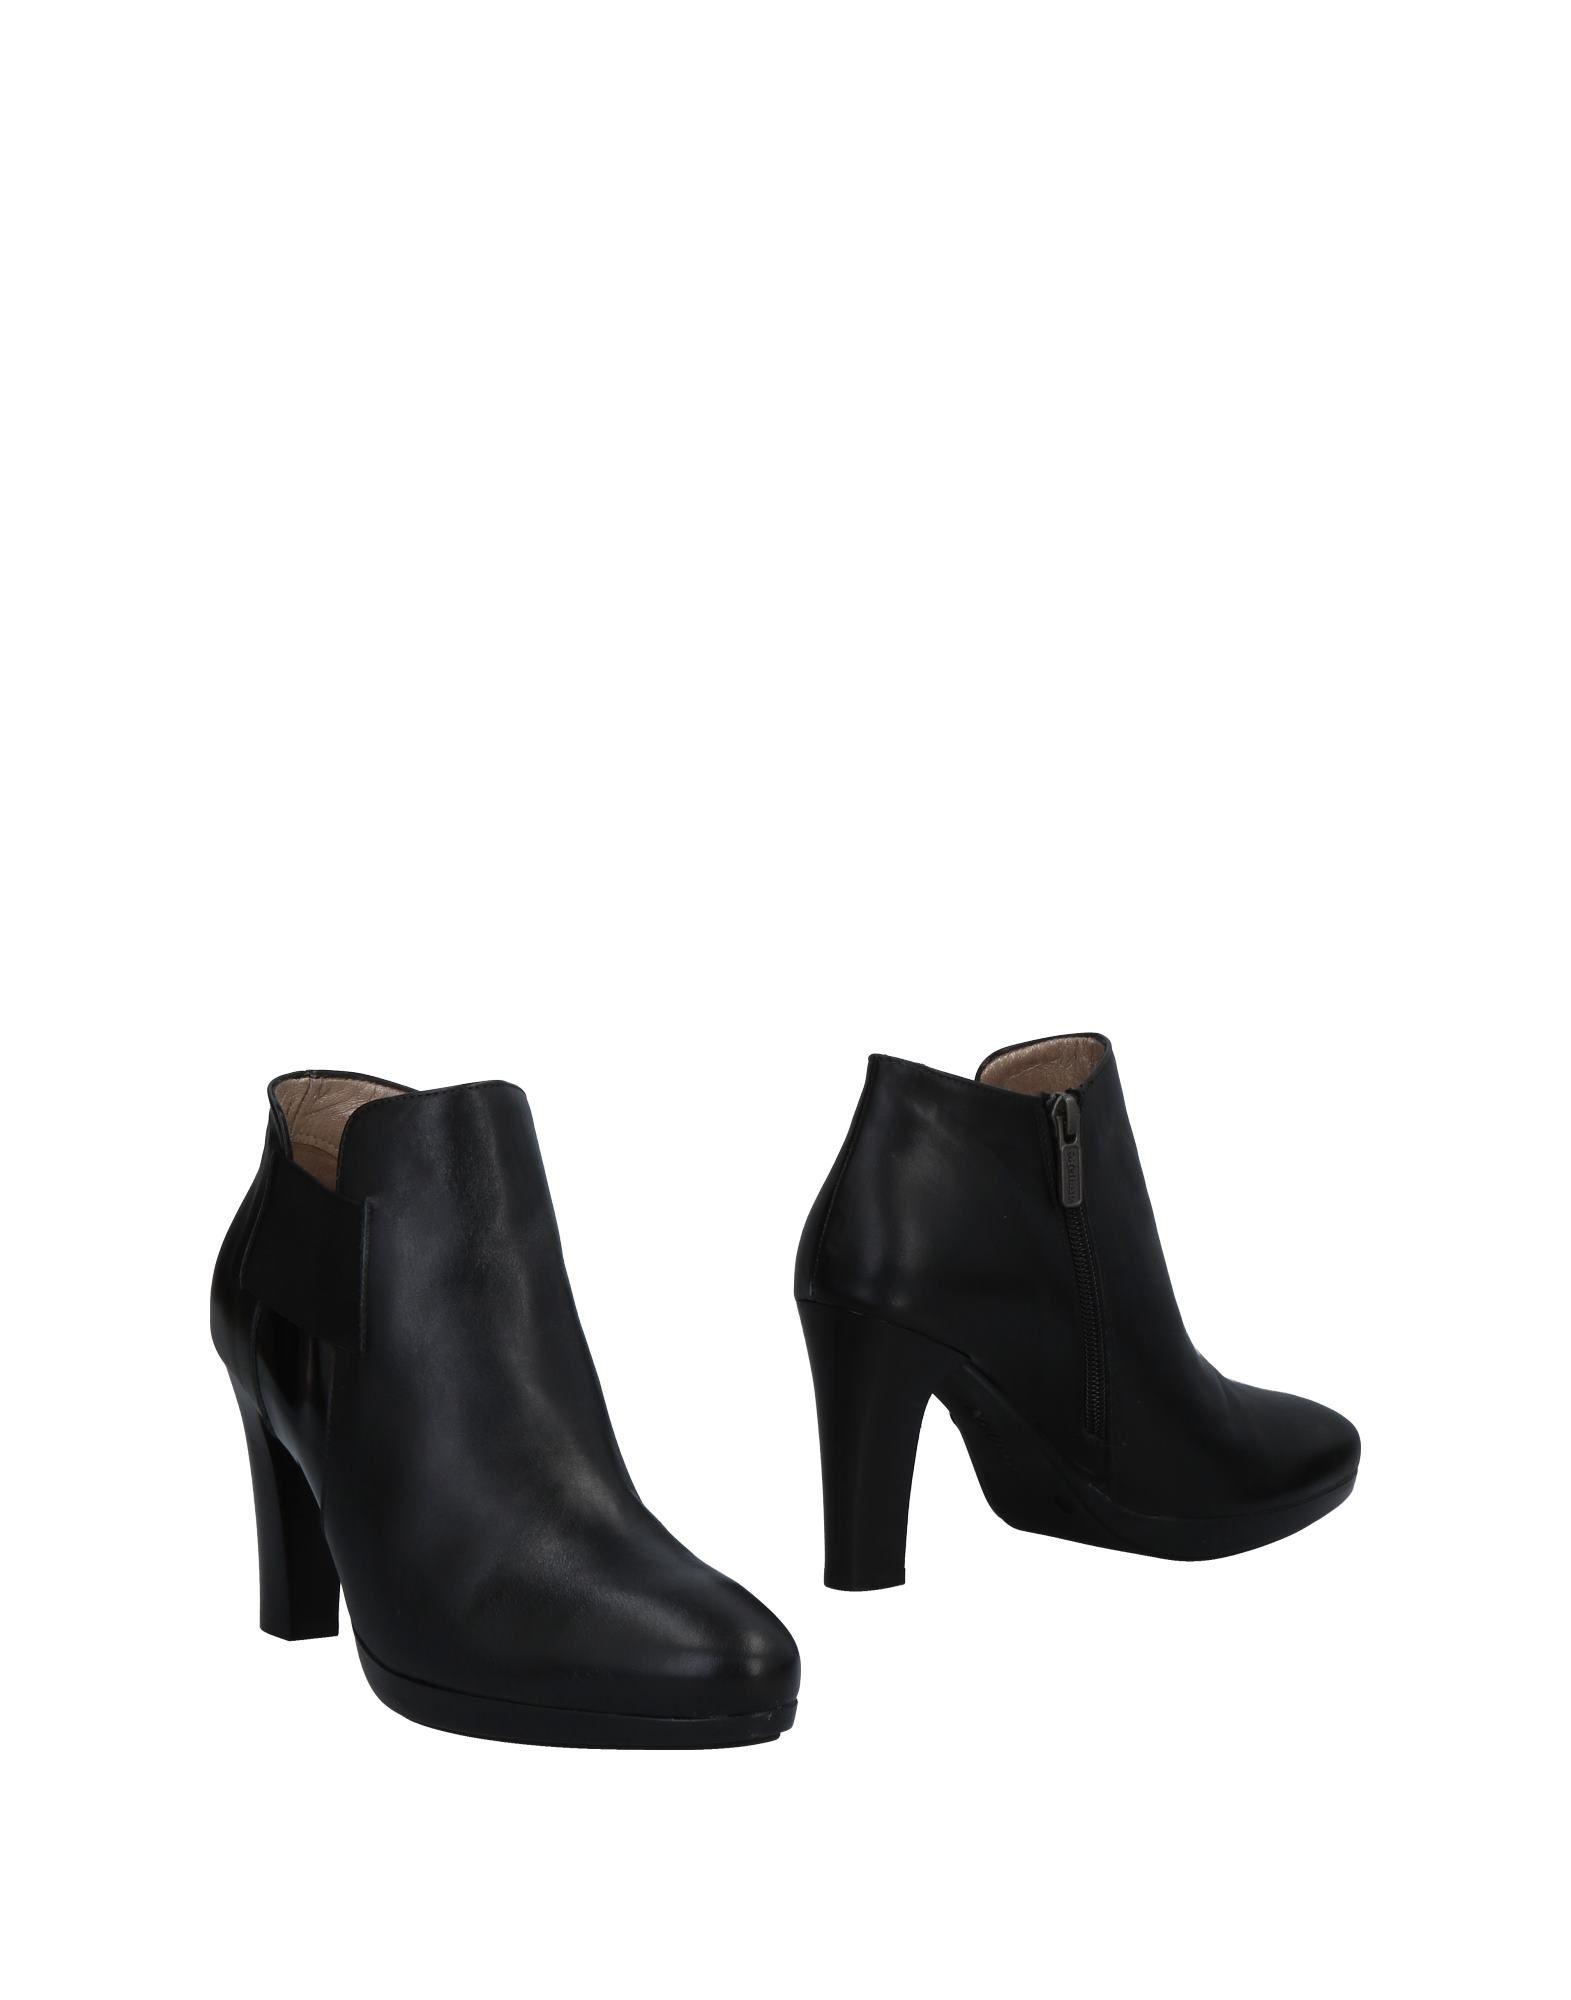 Gut um Stiefelette billige Schuhe zu tragenMelluso Stiefelette um Damen  11487736LG 0c6ea1